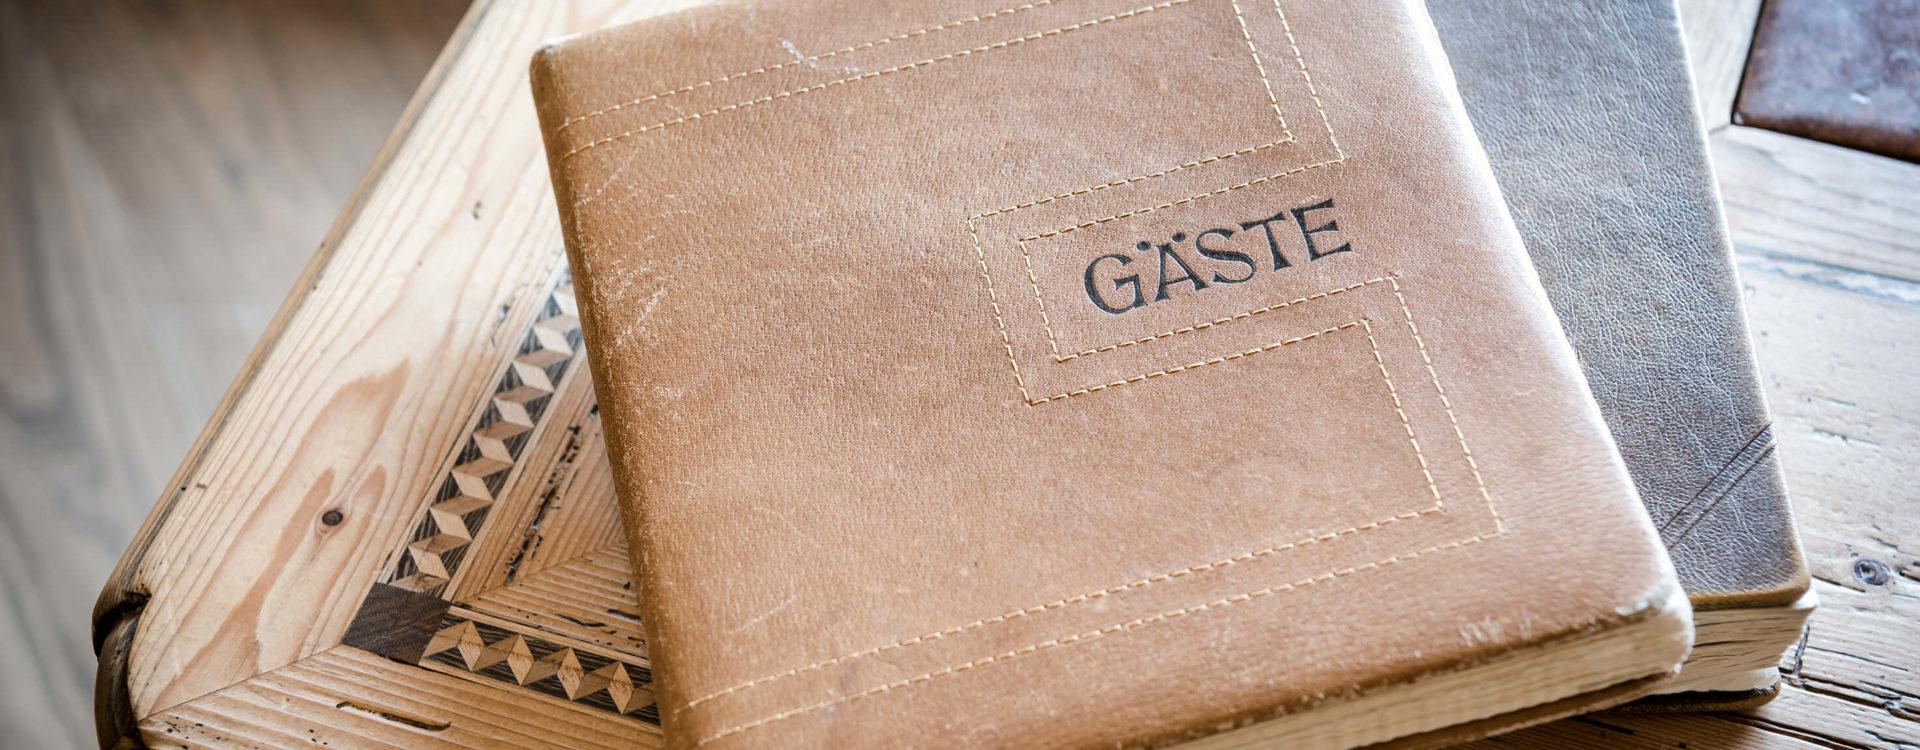 Gästebuch Leder Gut Berg